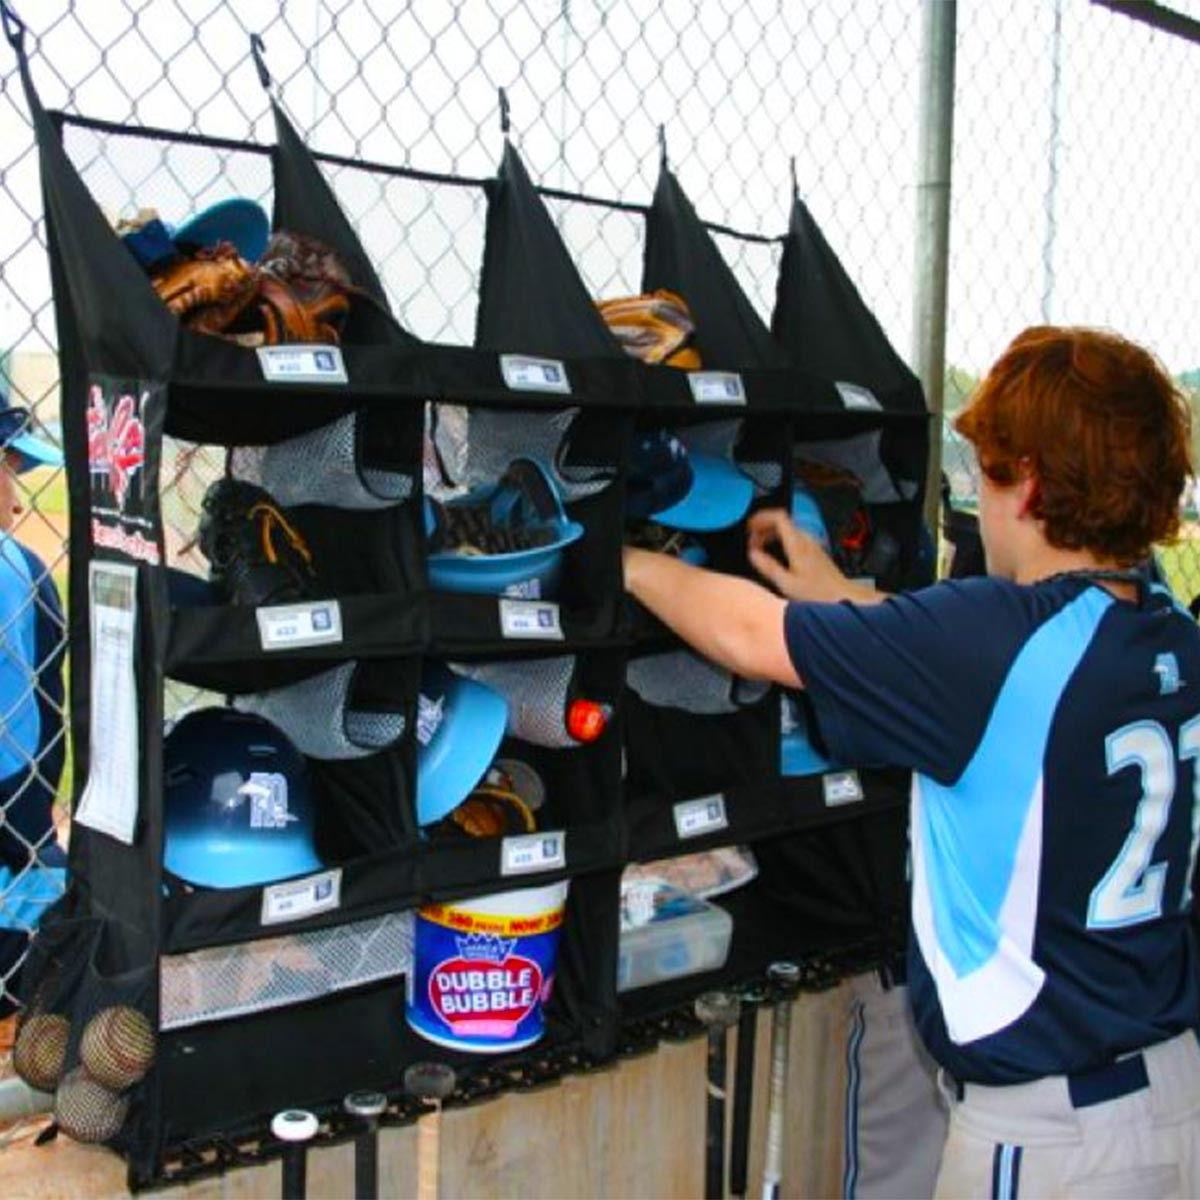 Bench Coach Dugout Manager Baseball dugout, Dugout